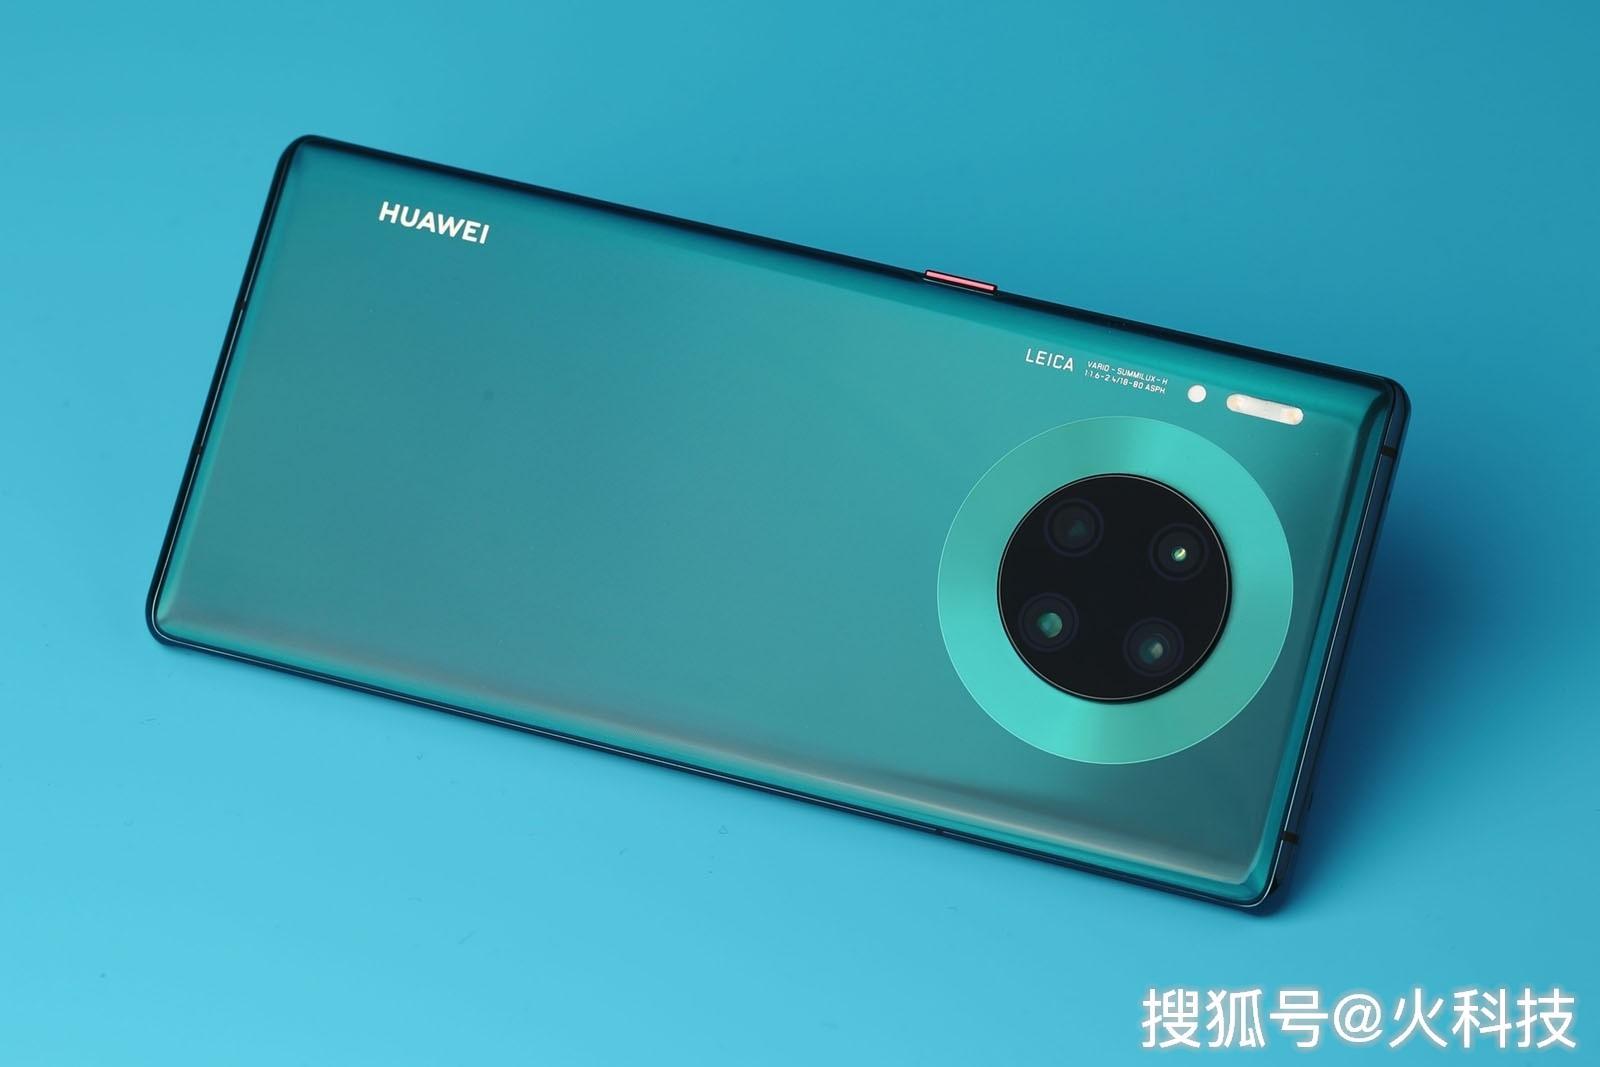 原创             盘点手机拍照让人感觉到最真实的旗舰手机,这三款你用上了吗?